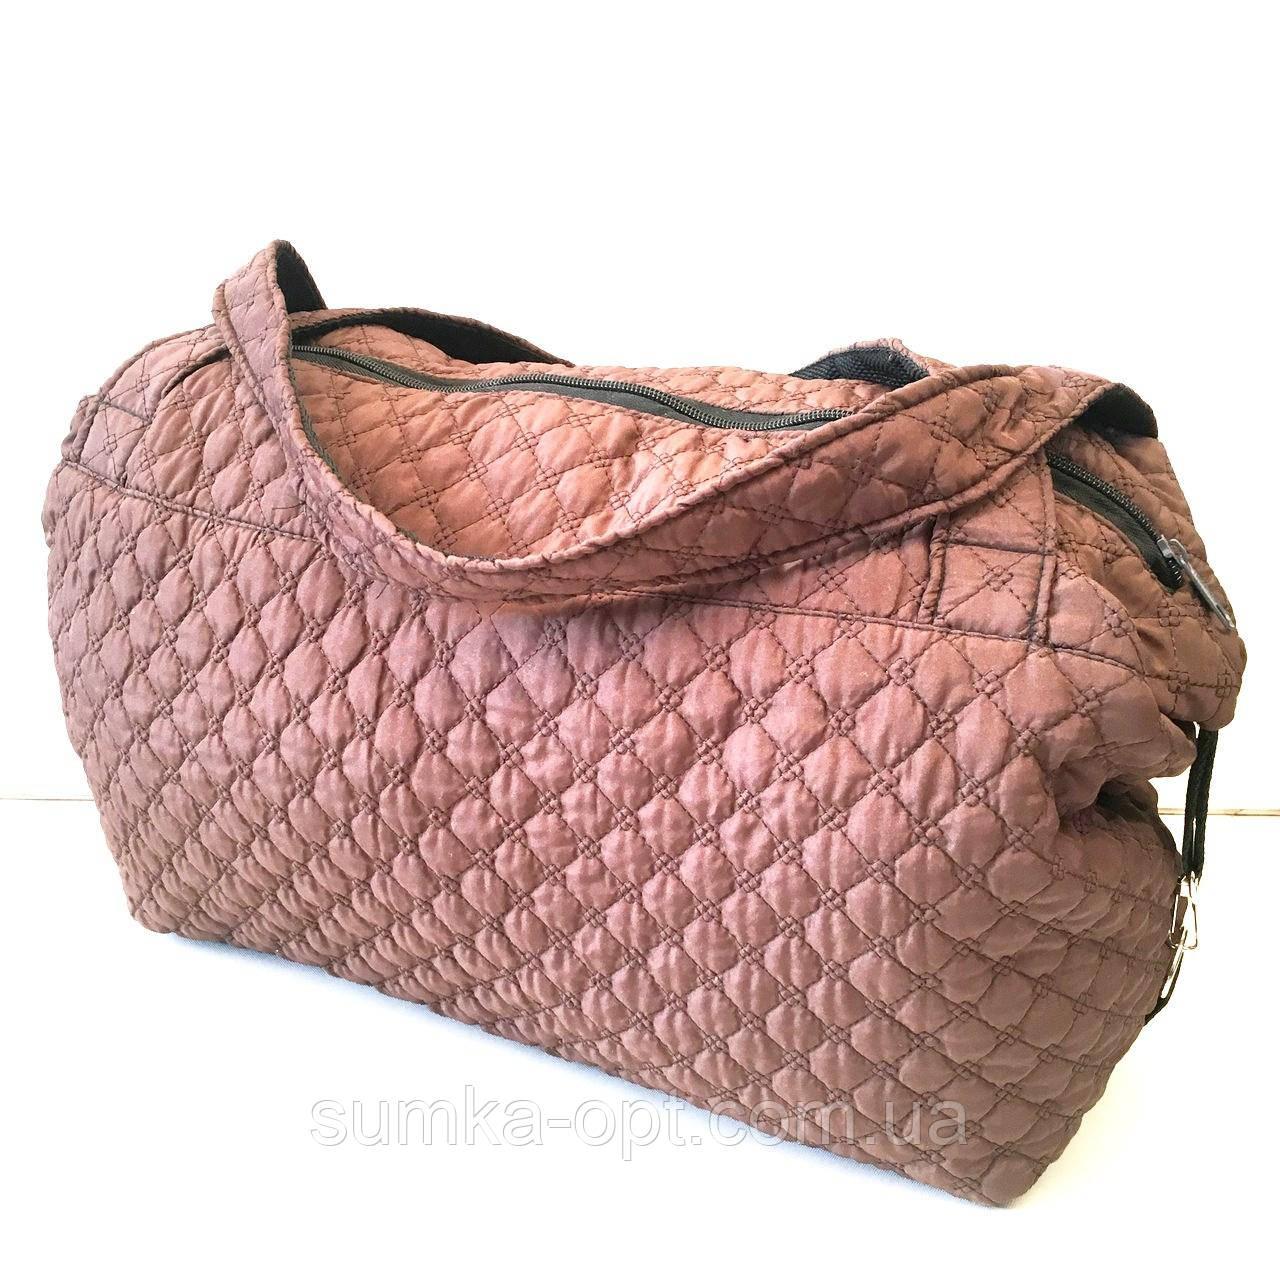 Женские стеганные сумки дешево опт до 100грн (коричневый)24*39см